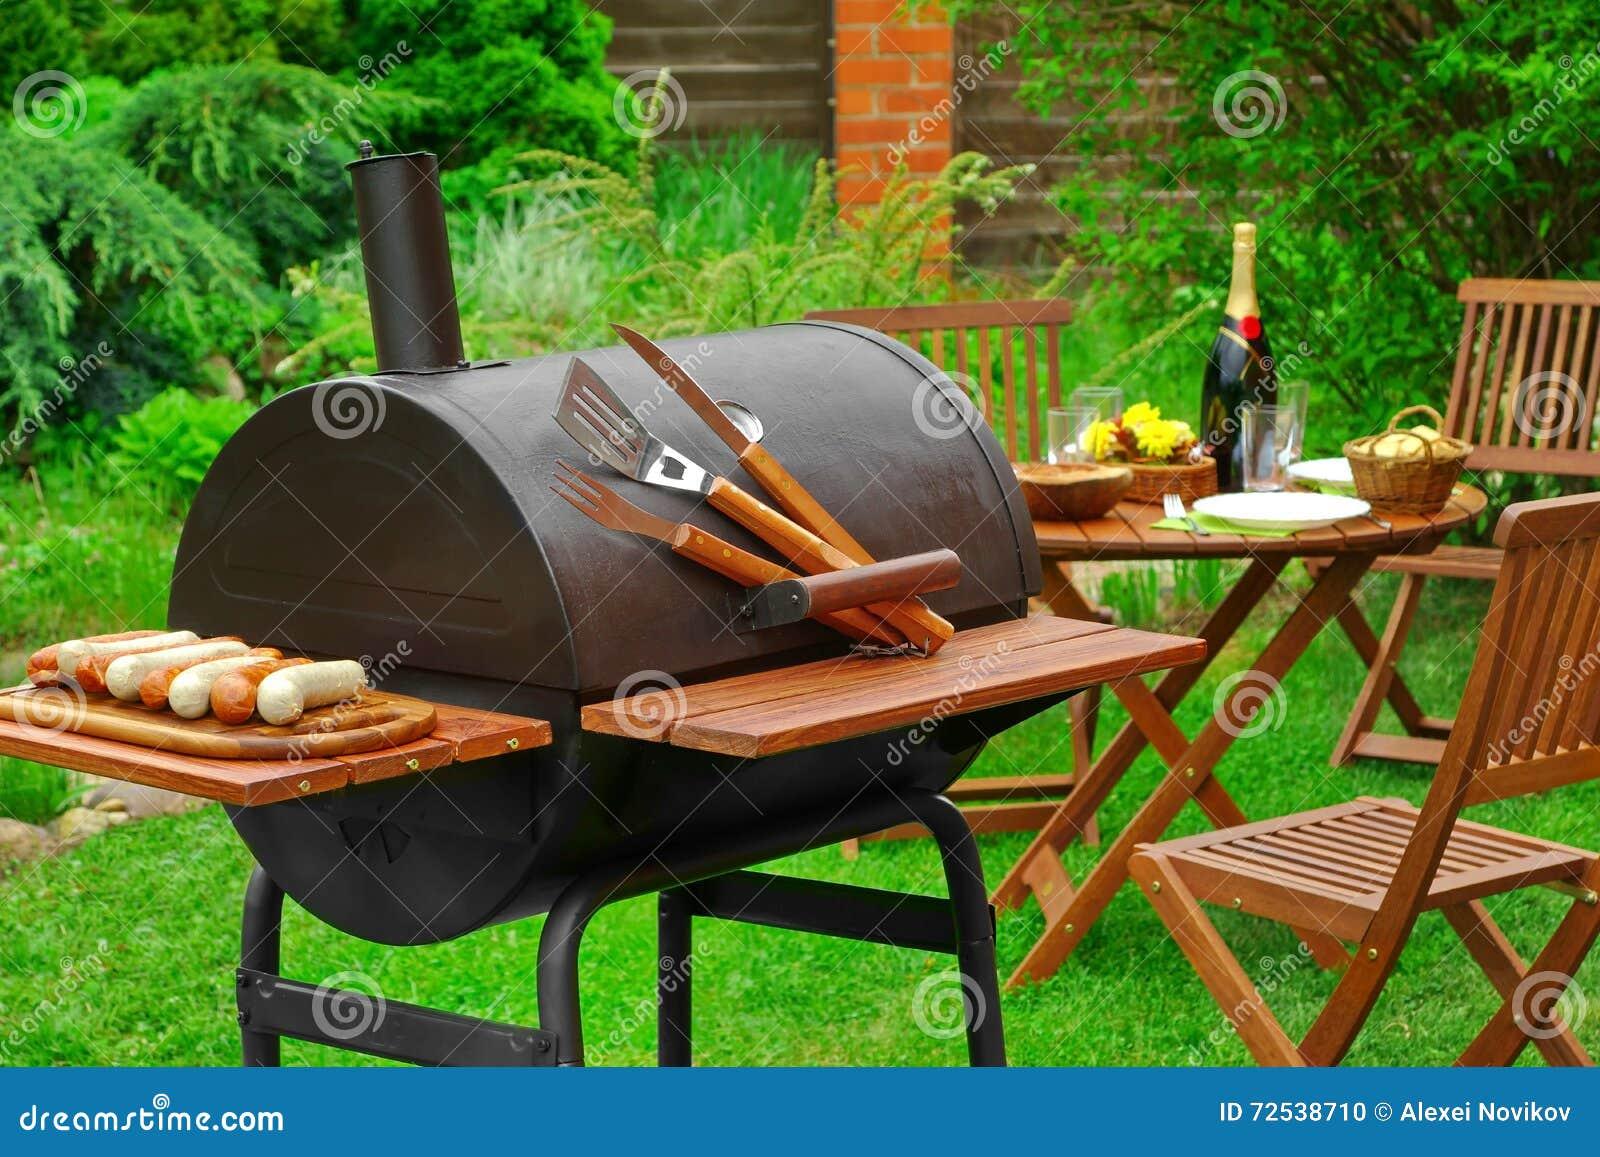 Escena del Bbq del fin de semana del verano con la parrilla del carbón de leña en el patio trasero